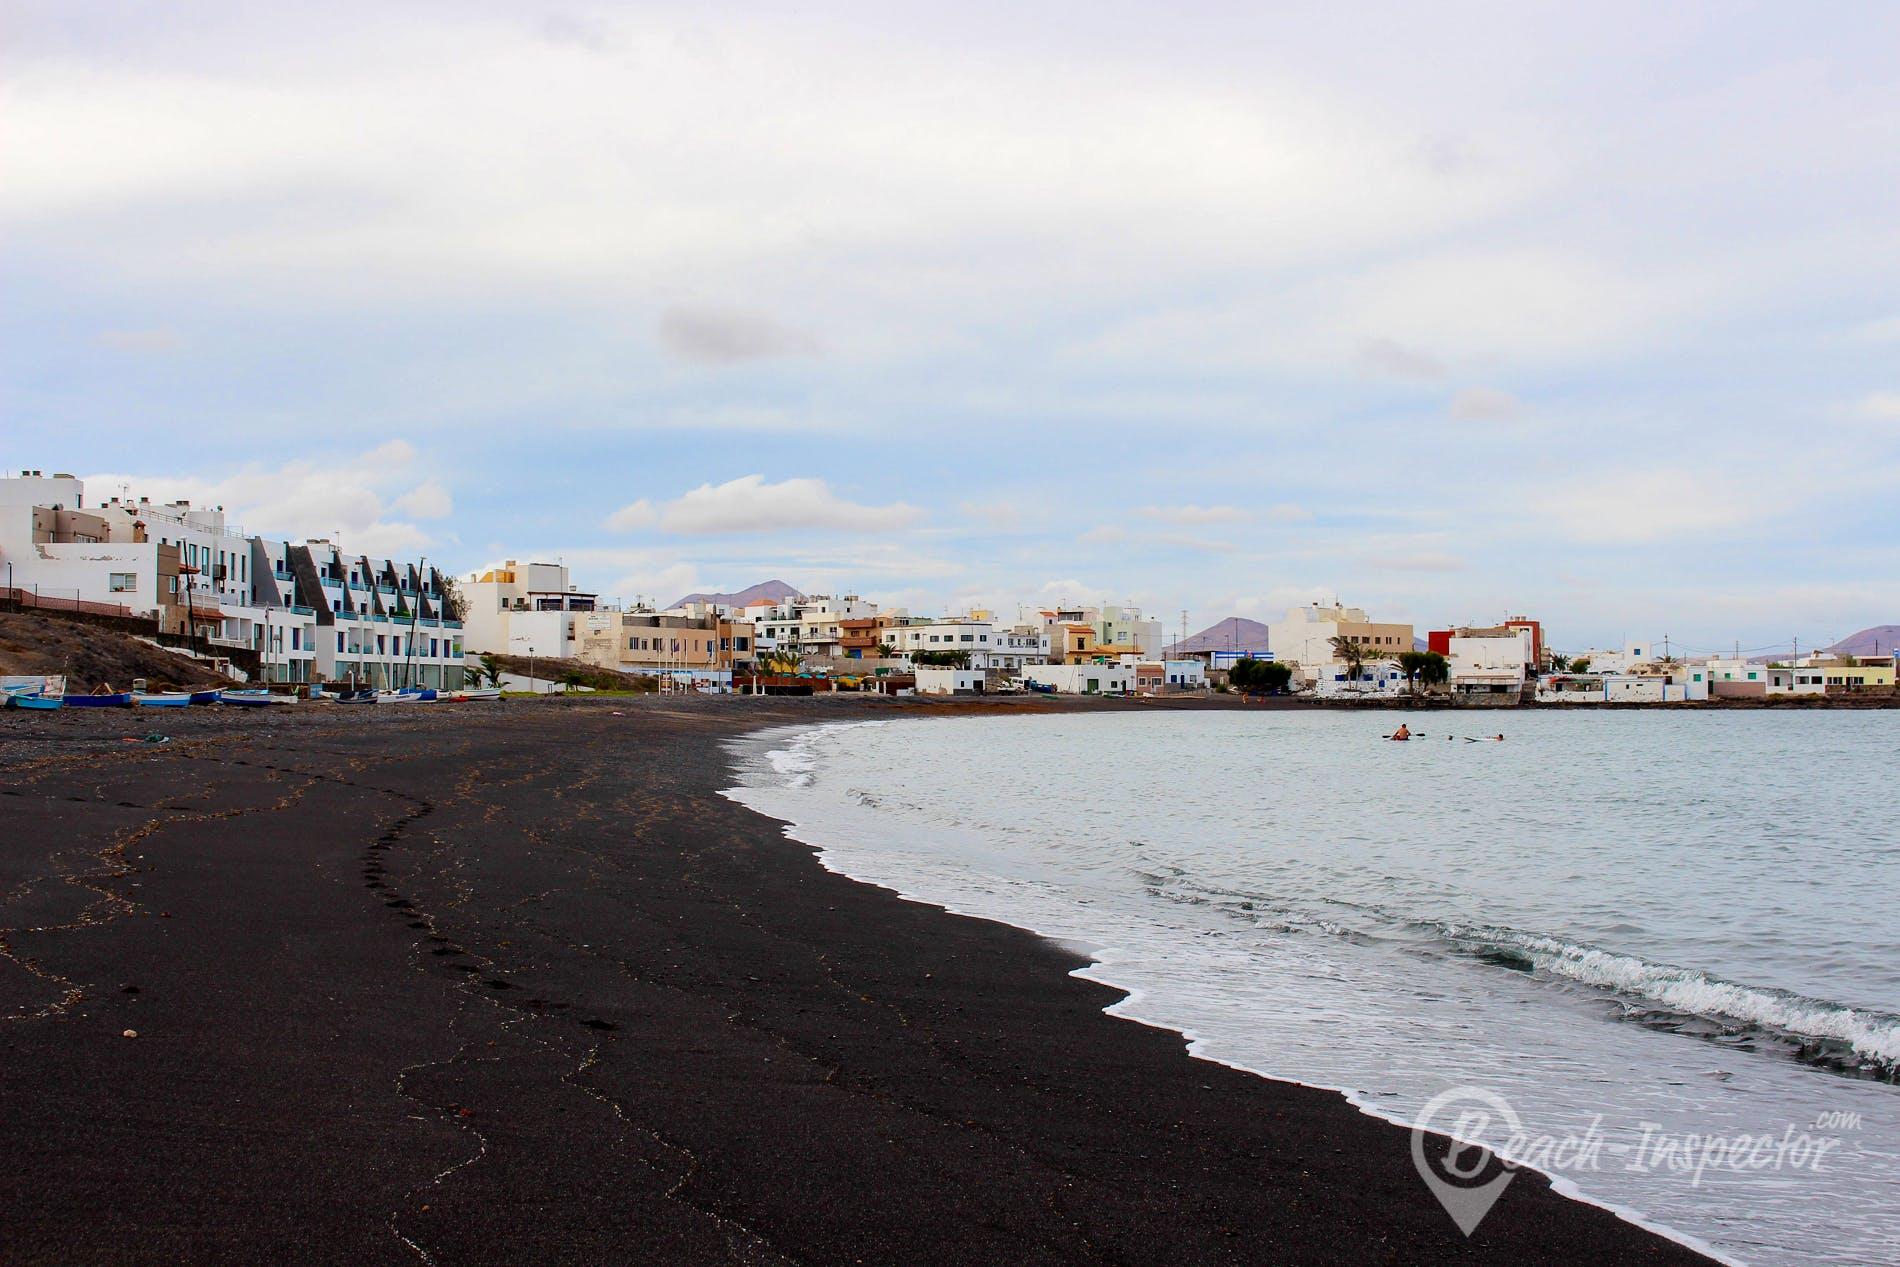 Beach Puerto Lajas, Fuerteventura, Spain